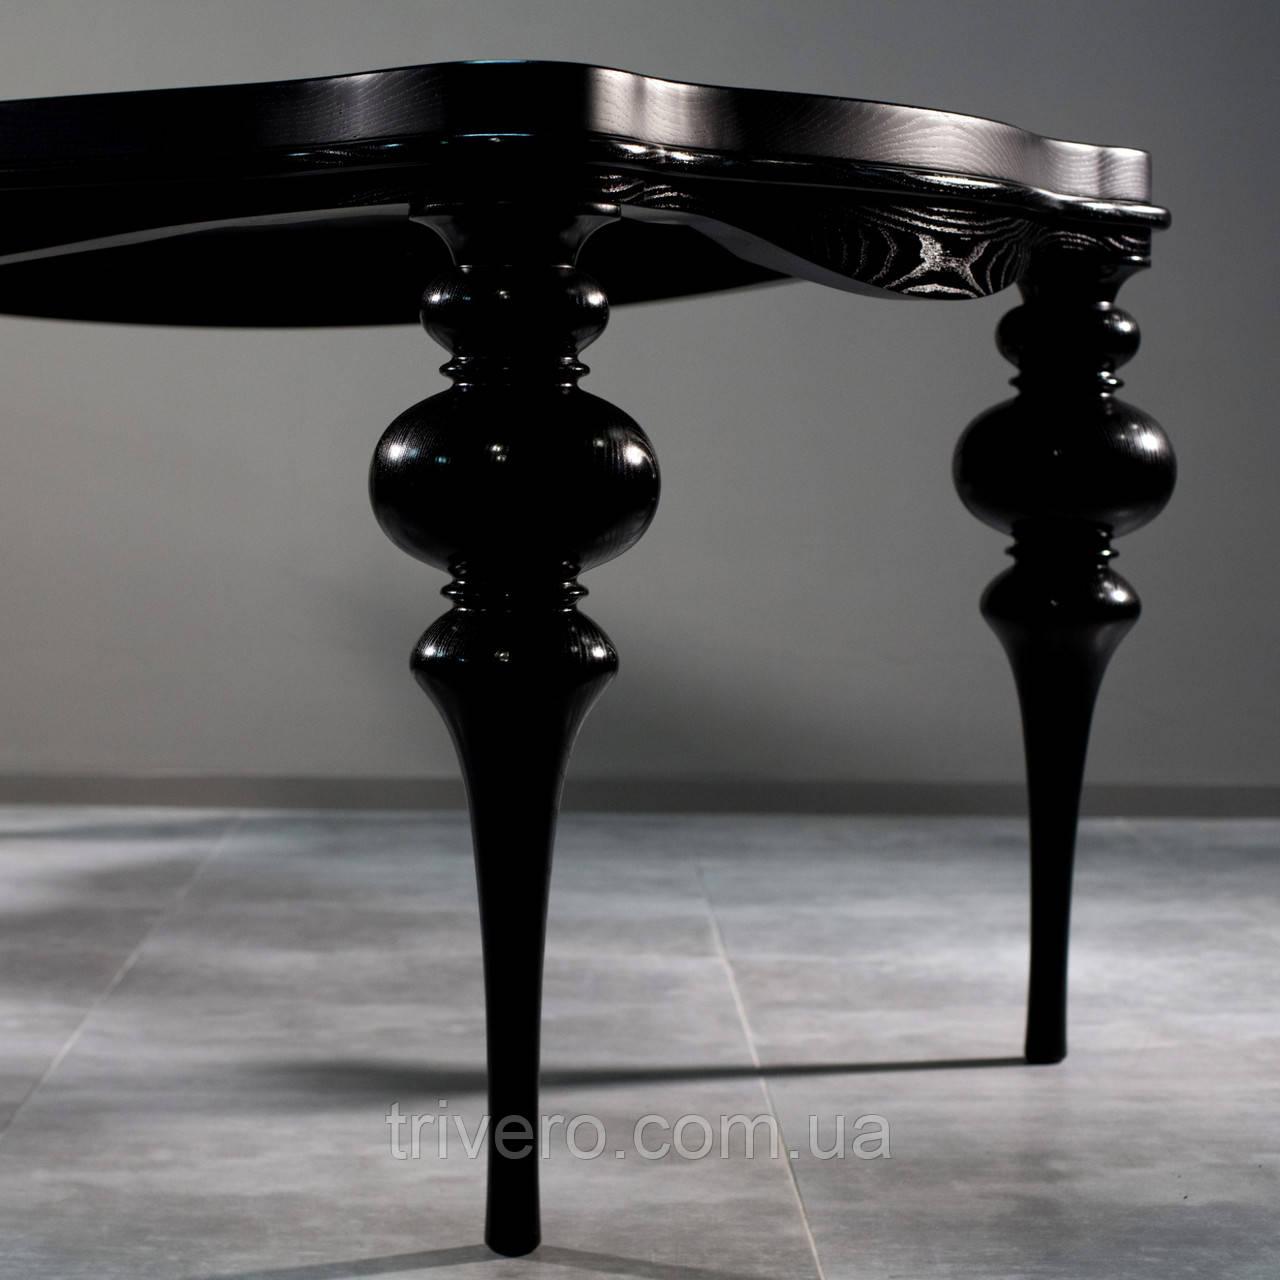 Точені ніжки і опори для столу з дерева H. 760 D. 180 /  КОД: Високі - 3